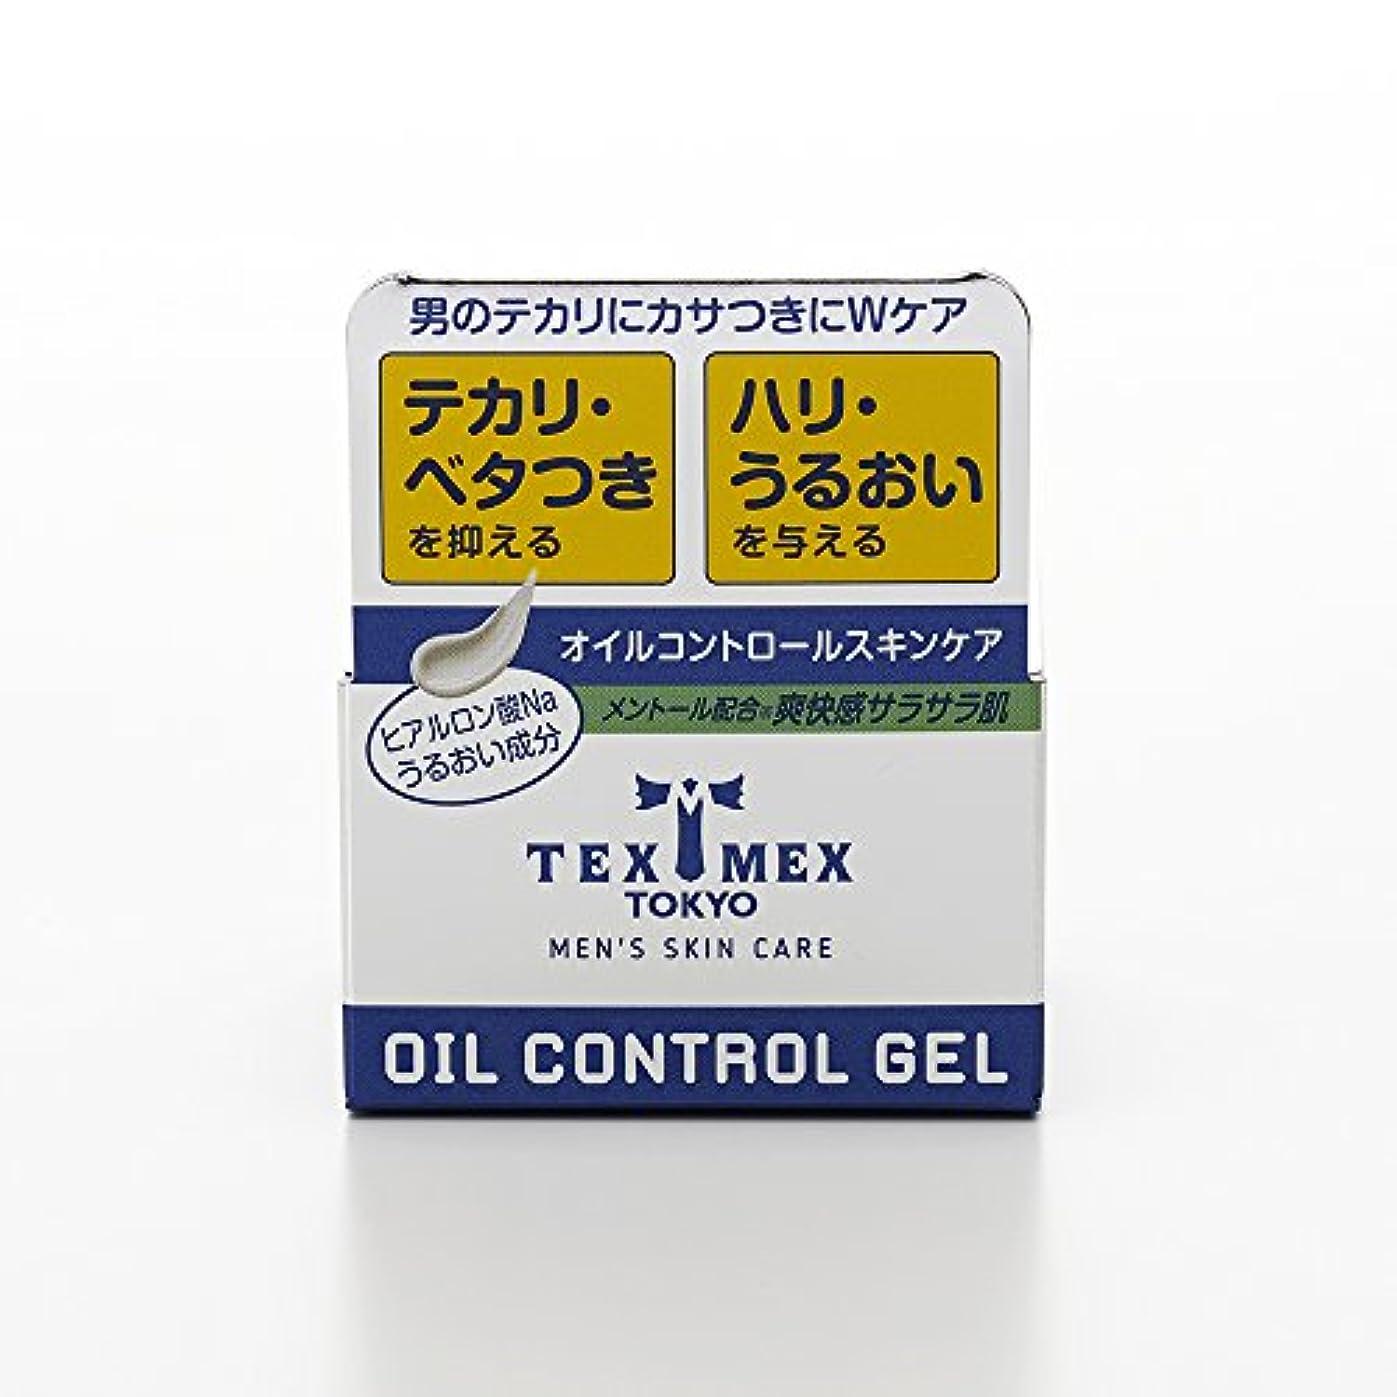 限られた折り目タイピストテックスメックス オイルコントロールジェル 24g (テカリ防止ジェル) 【塗るだけでサラサラ肌に】